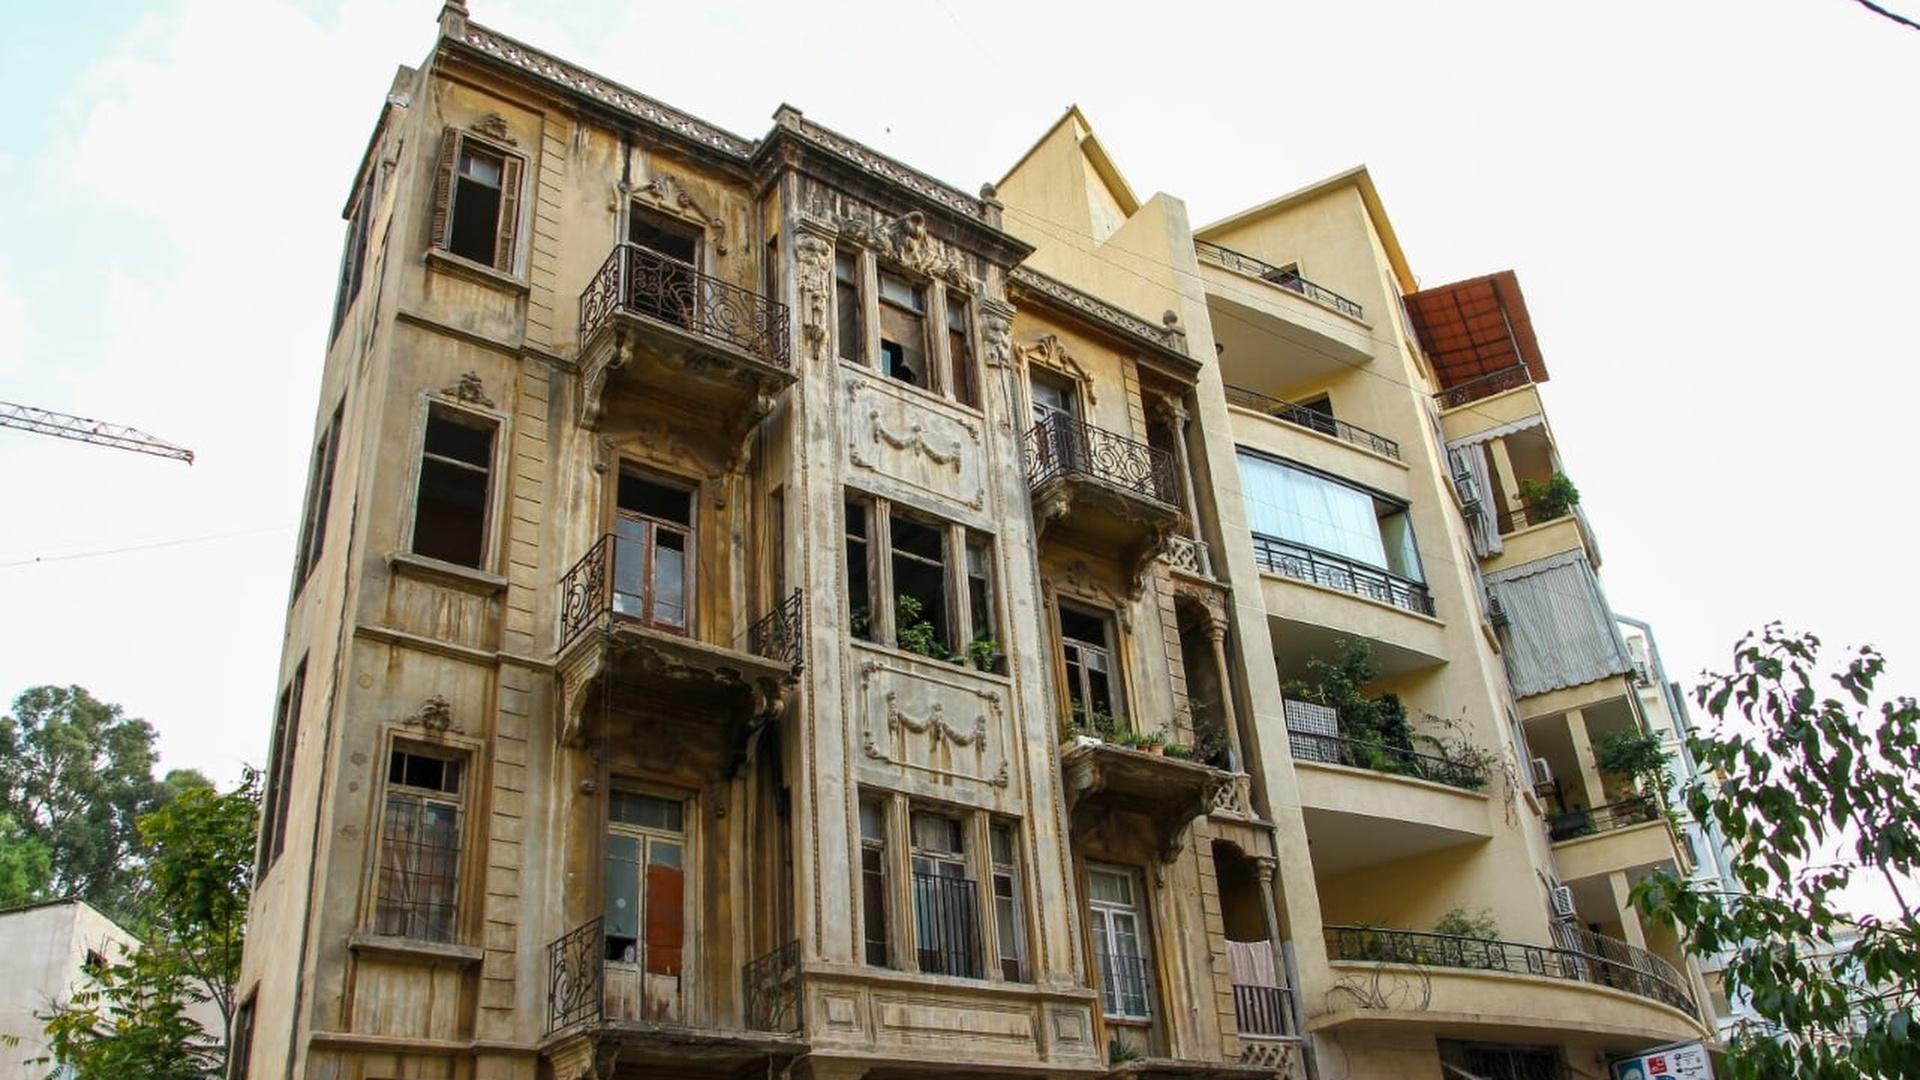 Viertel Zokak al-Blat in Libanons Hauptstadt